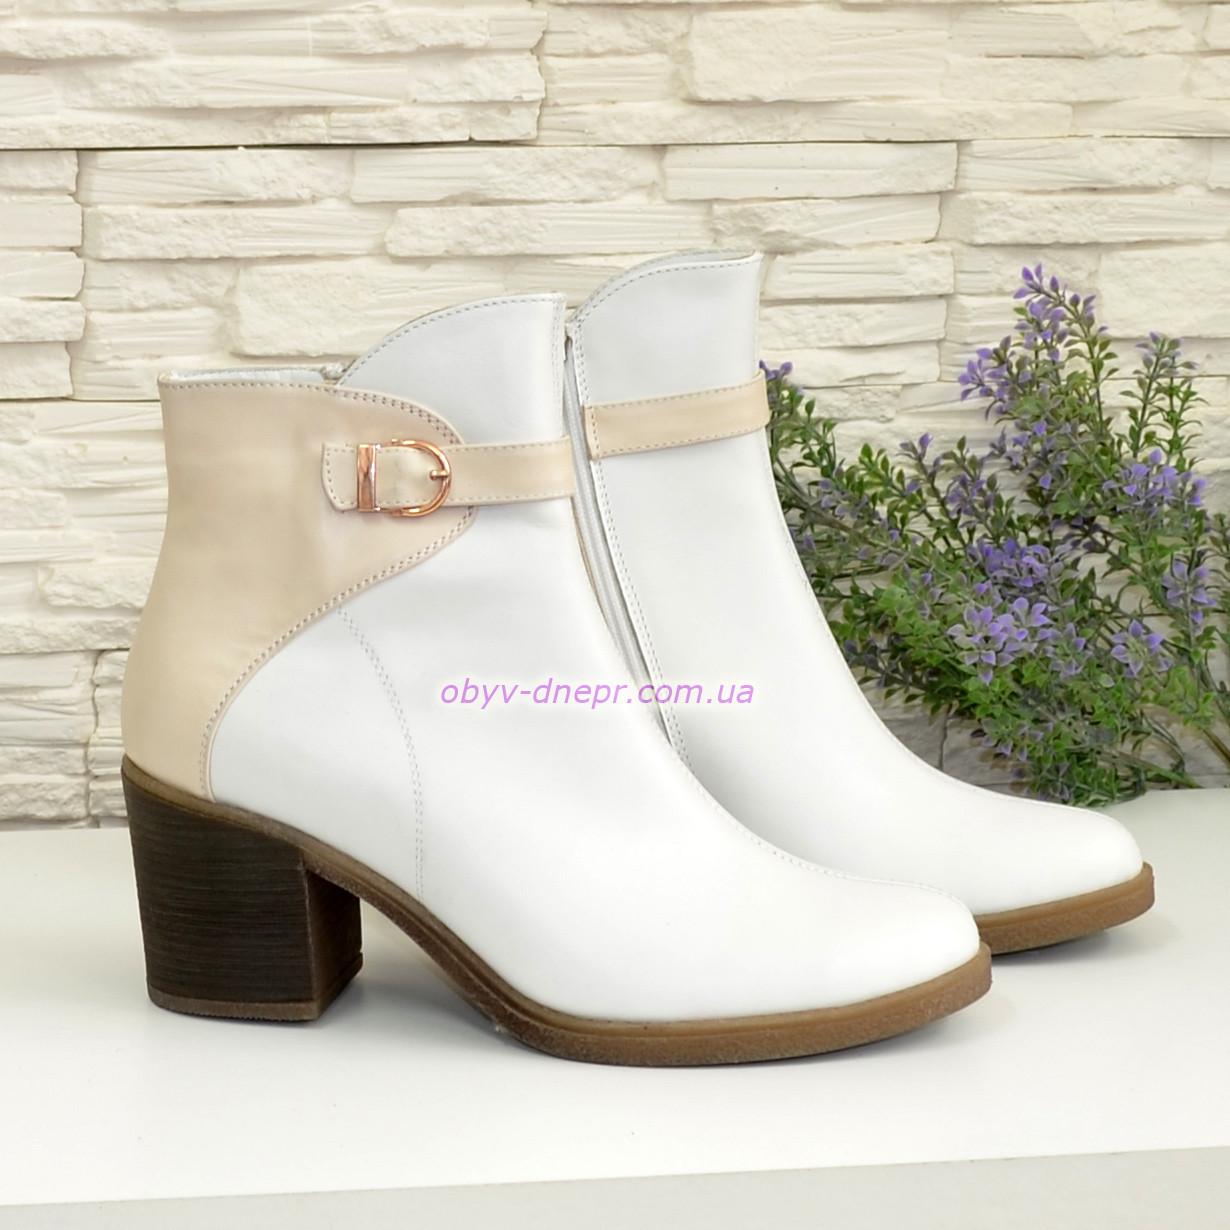 Ботинки зимние женские на устойчивом каблуке, натуральная кожа белого и бежевого цвета